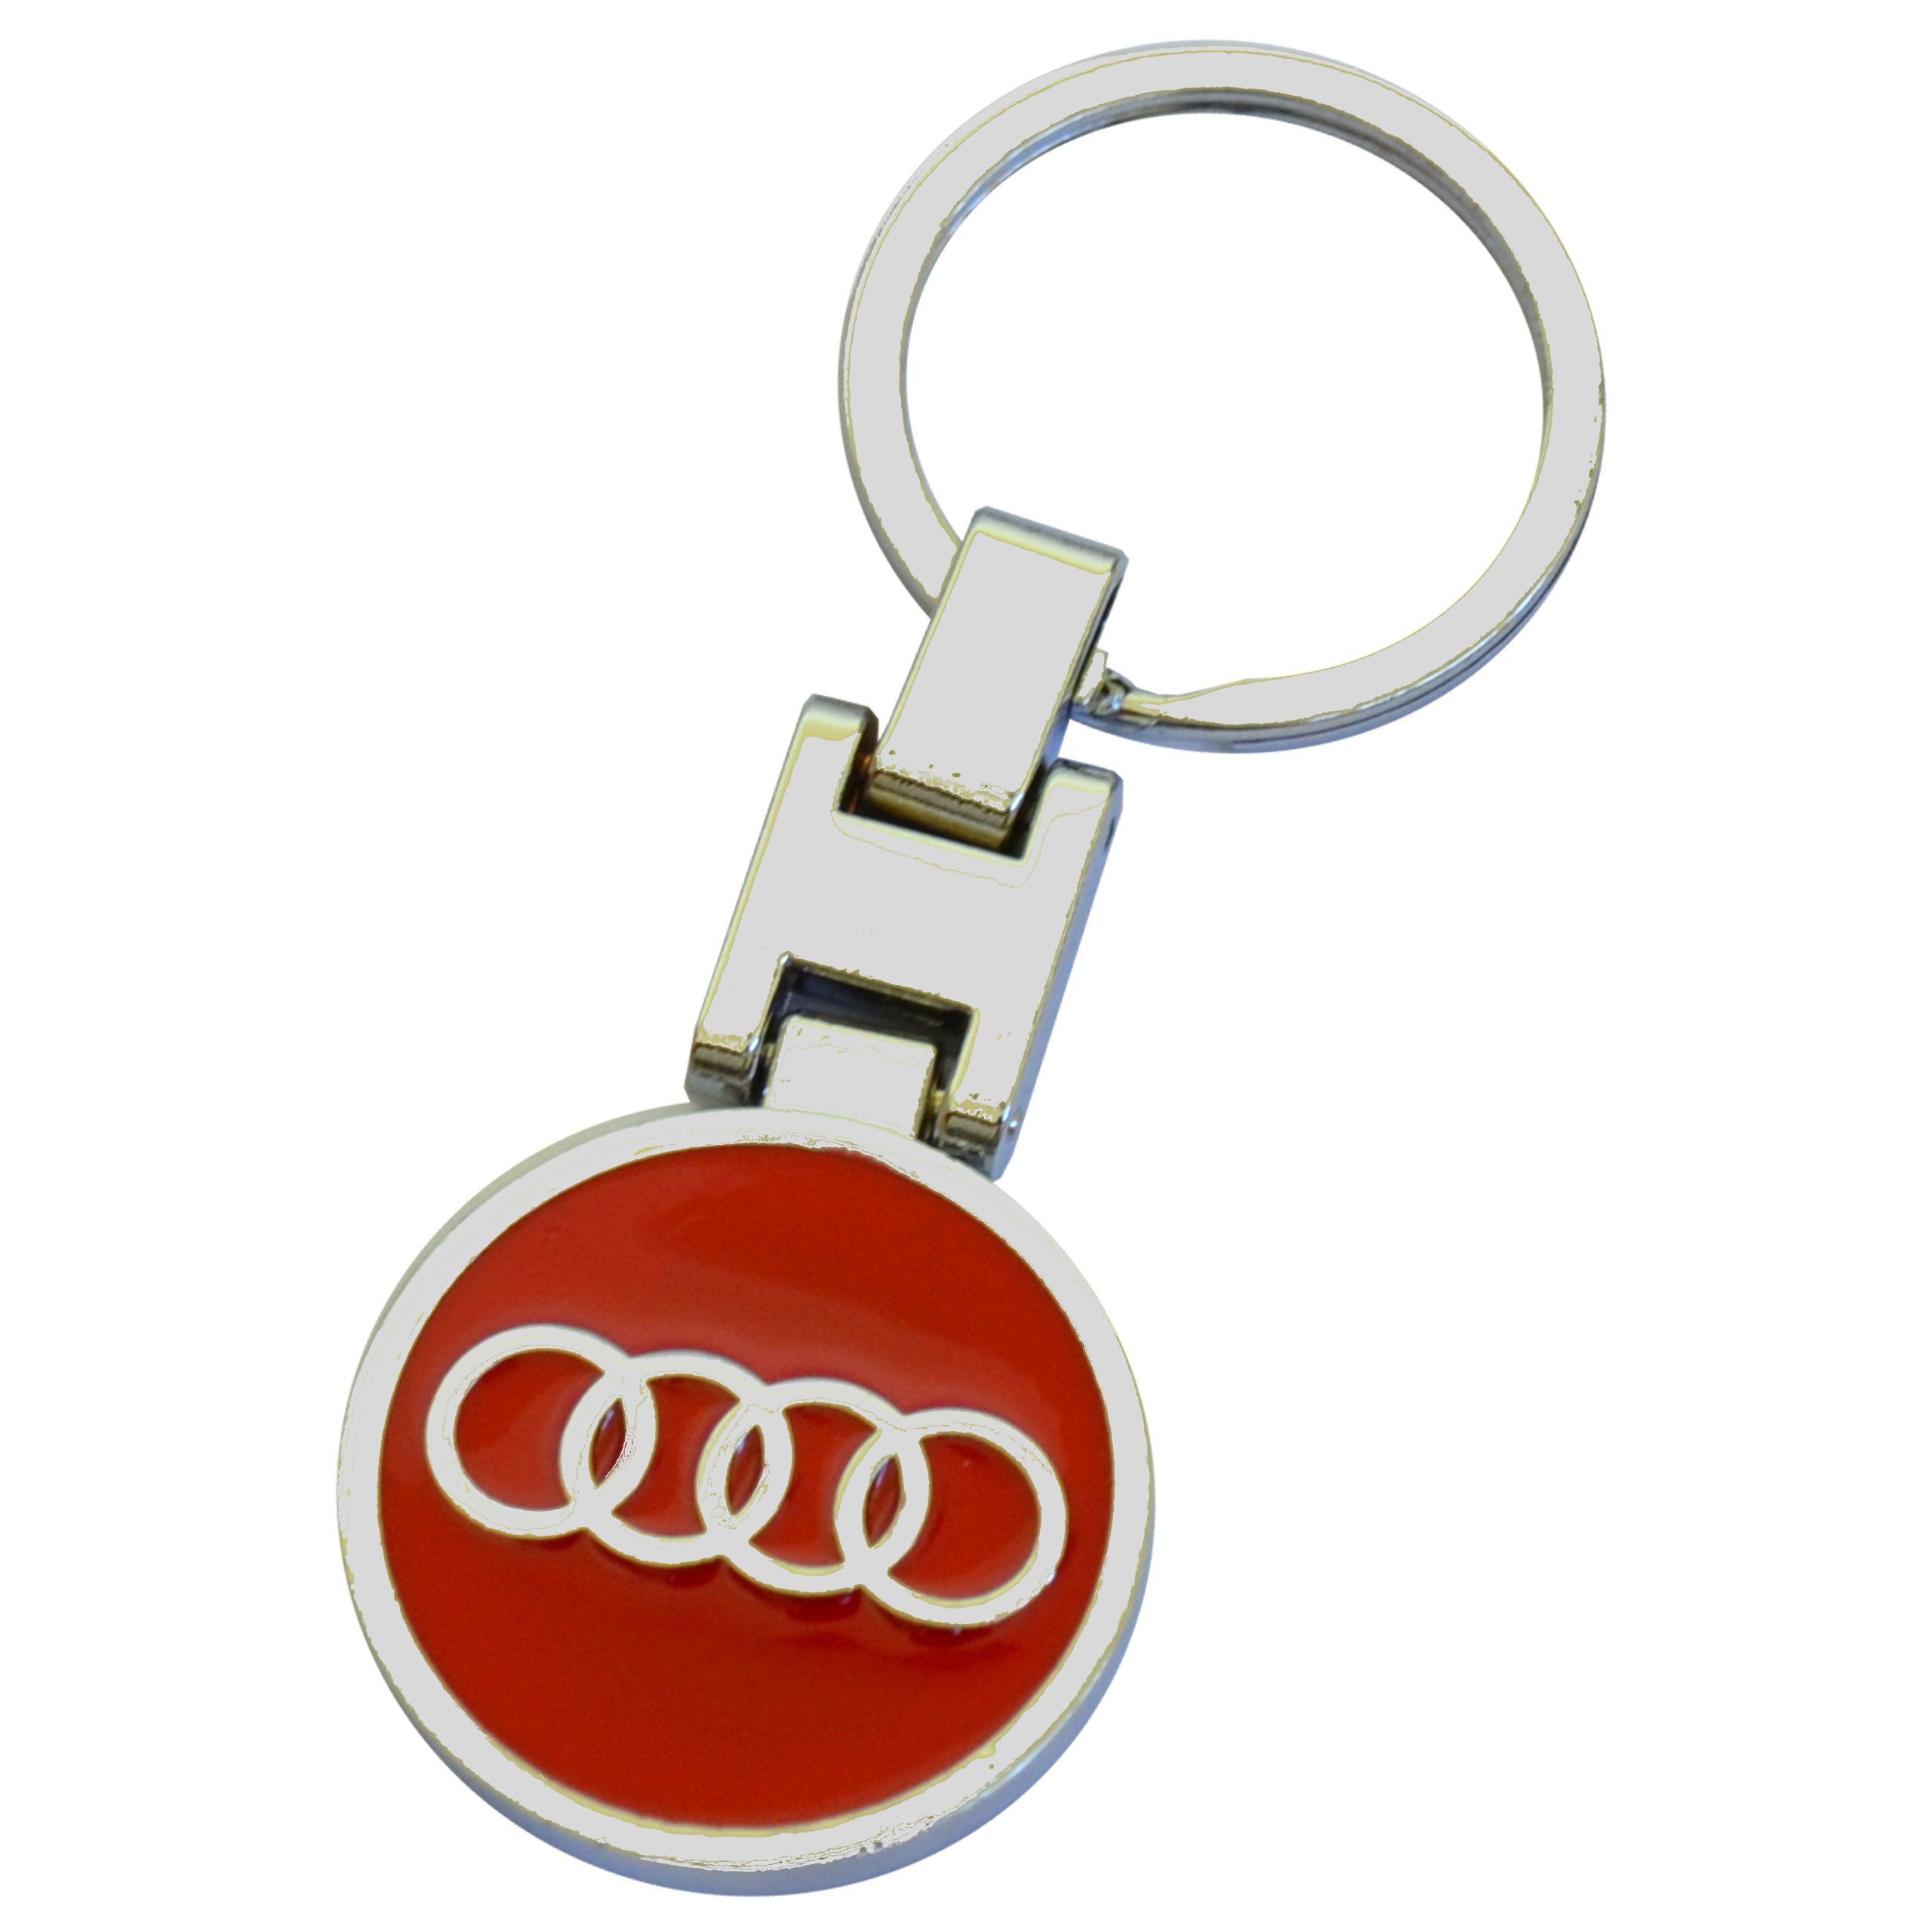 Breloczek Metalowy do Kluczyków samochodowych Audi